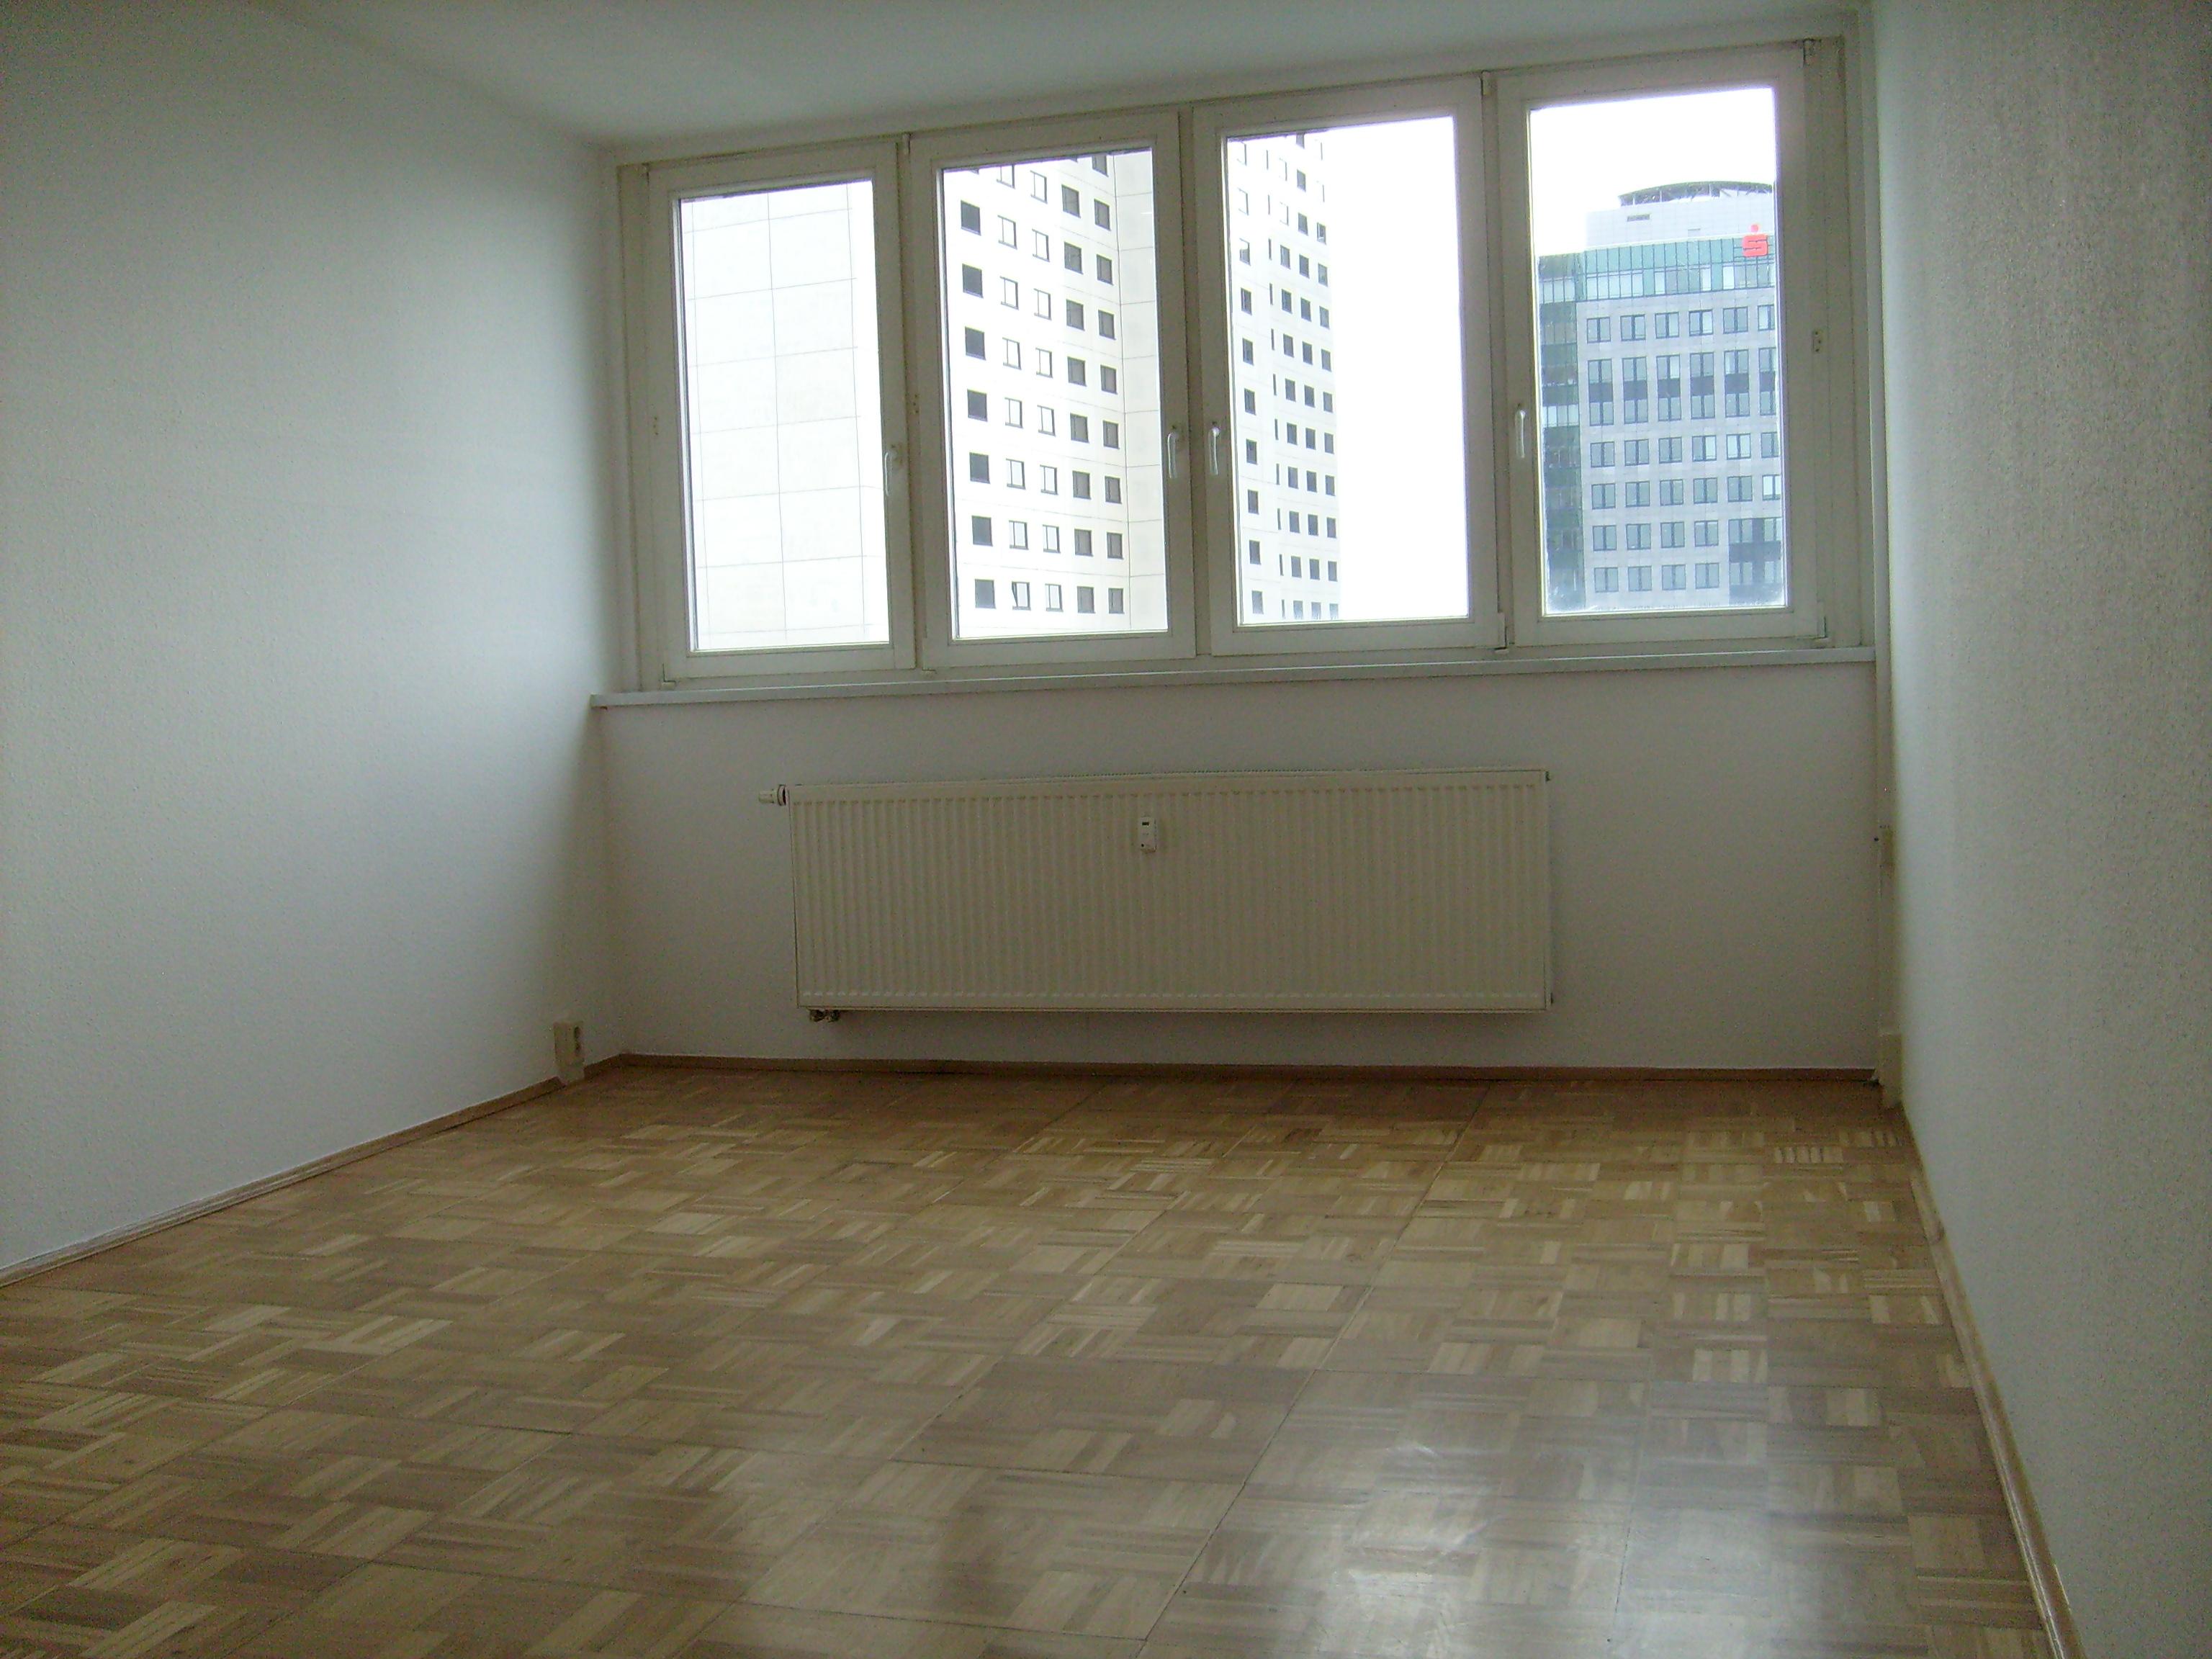 14 Qm Zimmer Einrichten Kahlenberg.info Inspirierende Beispiele .